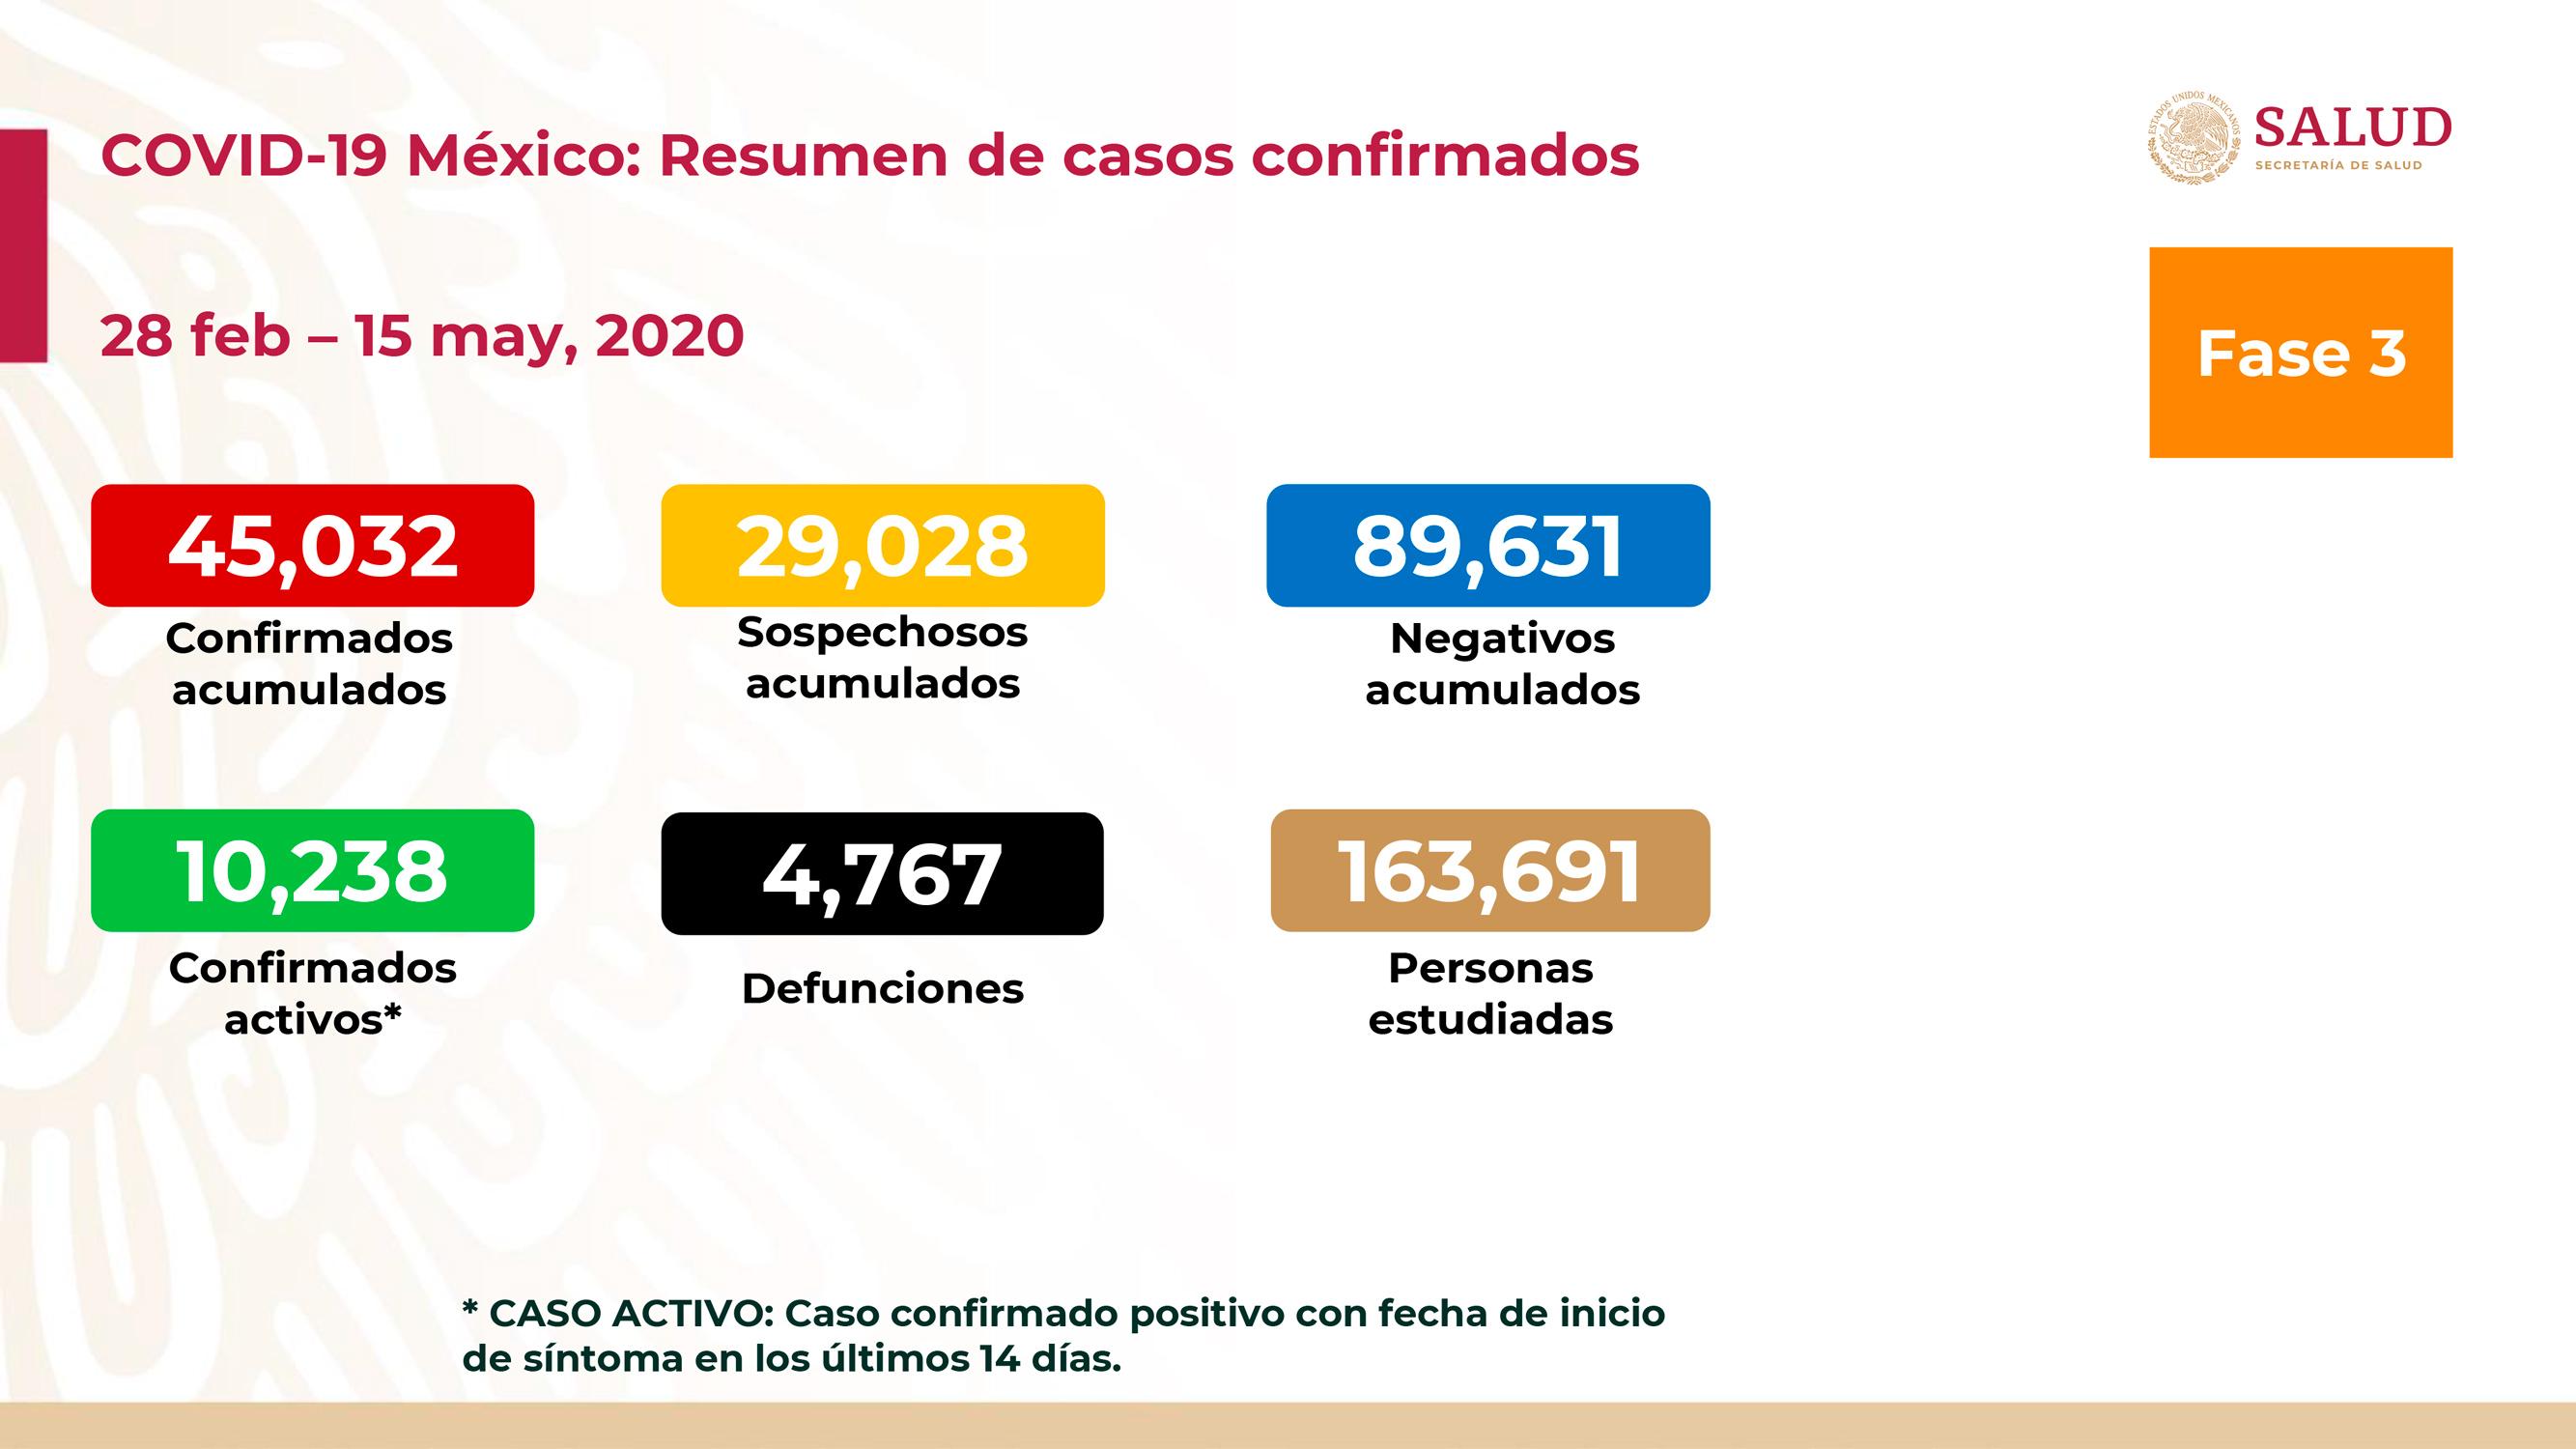 SUMAN 4 MIL 767 DEFUNCIONES POR COVID-19 EN MÉXICO